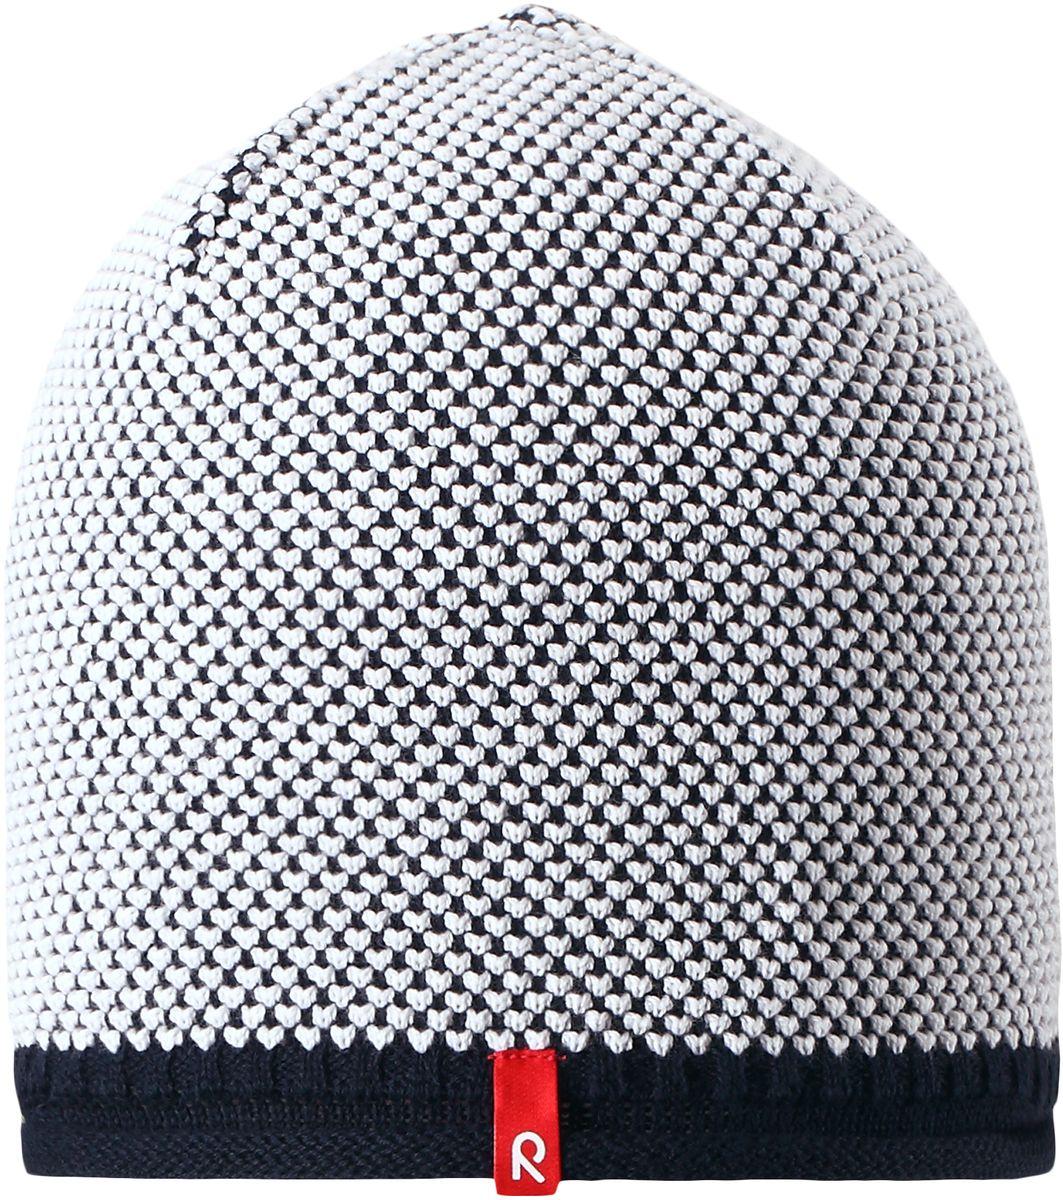 Шапка детская Reima Seilori, цвет: темно-синий. 5285296980. Размер 525285296980Яркая детская шапка станет превосходным выбором в межсезонье, в ней можно и поиграть во дворе, и прогуляться по городу. Изготовлена из мягкого и комфортного вязаного хлопка. Эта симпатичная облегченная модель без подкладки идеально подходит для солнечной погоды. Модный вязаный узор.